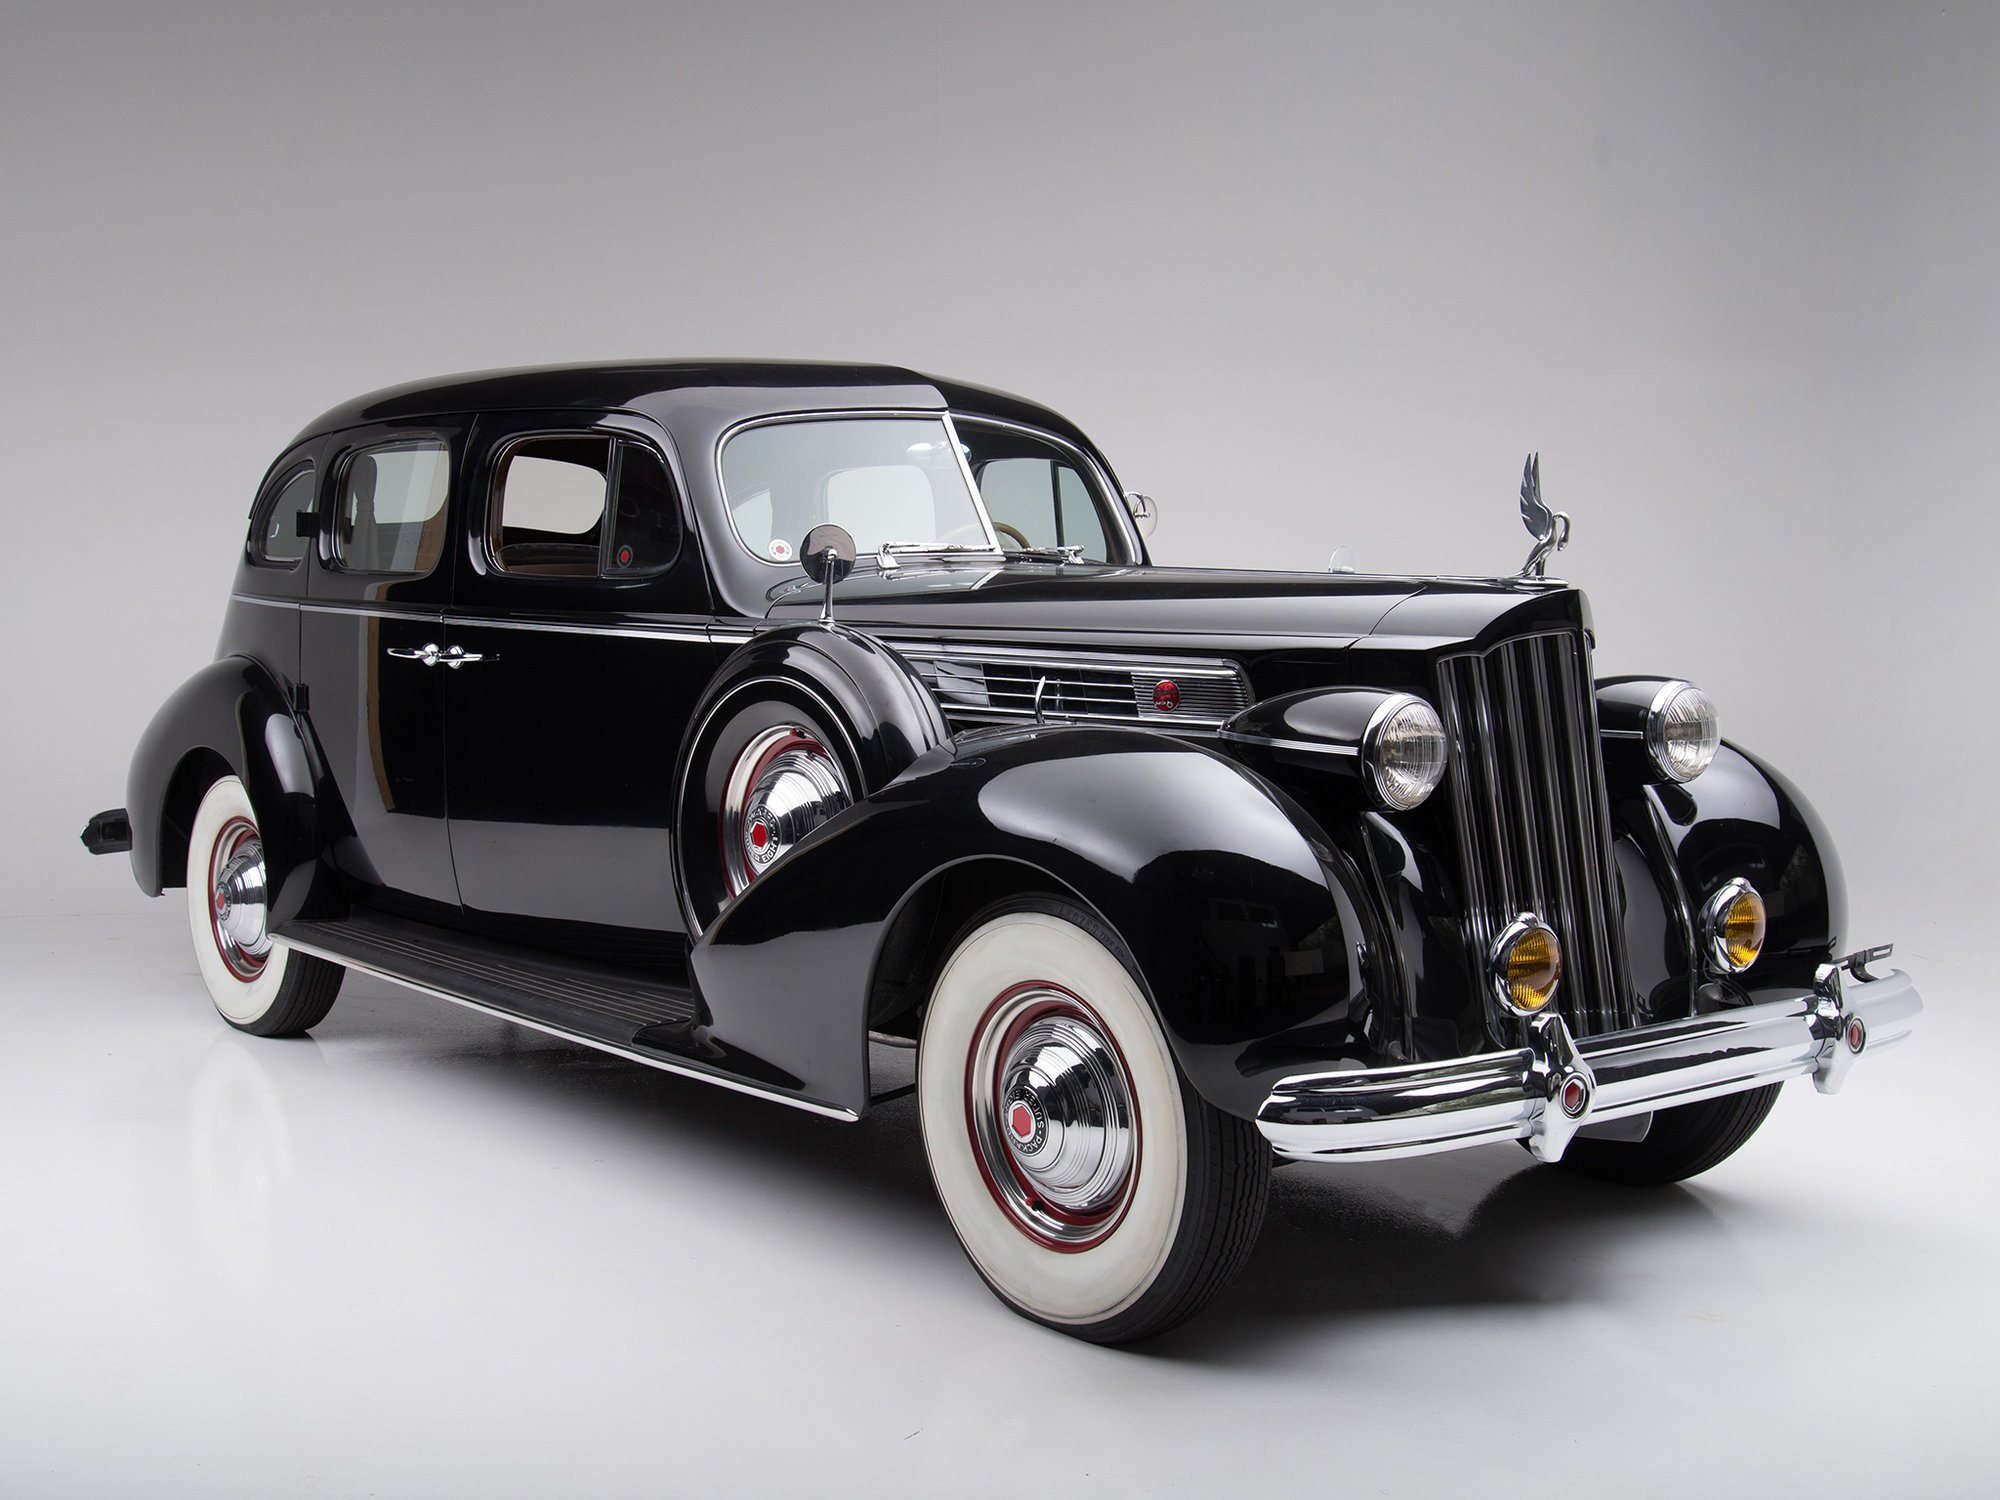 Jedněmi z prvních vozů vybavených klimatizací byly automobily značky Packard, jako například tento Packard Super Eight z roku 1939